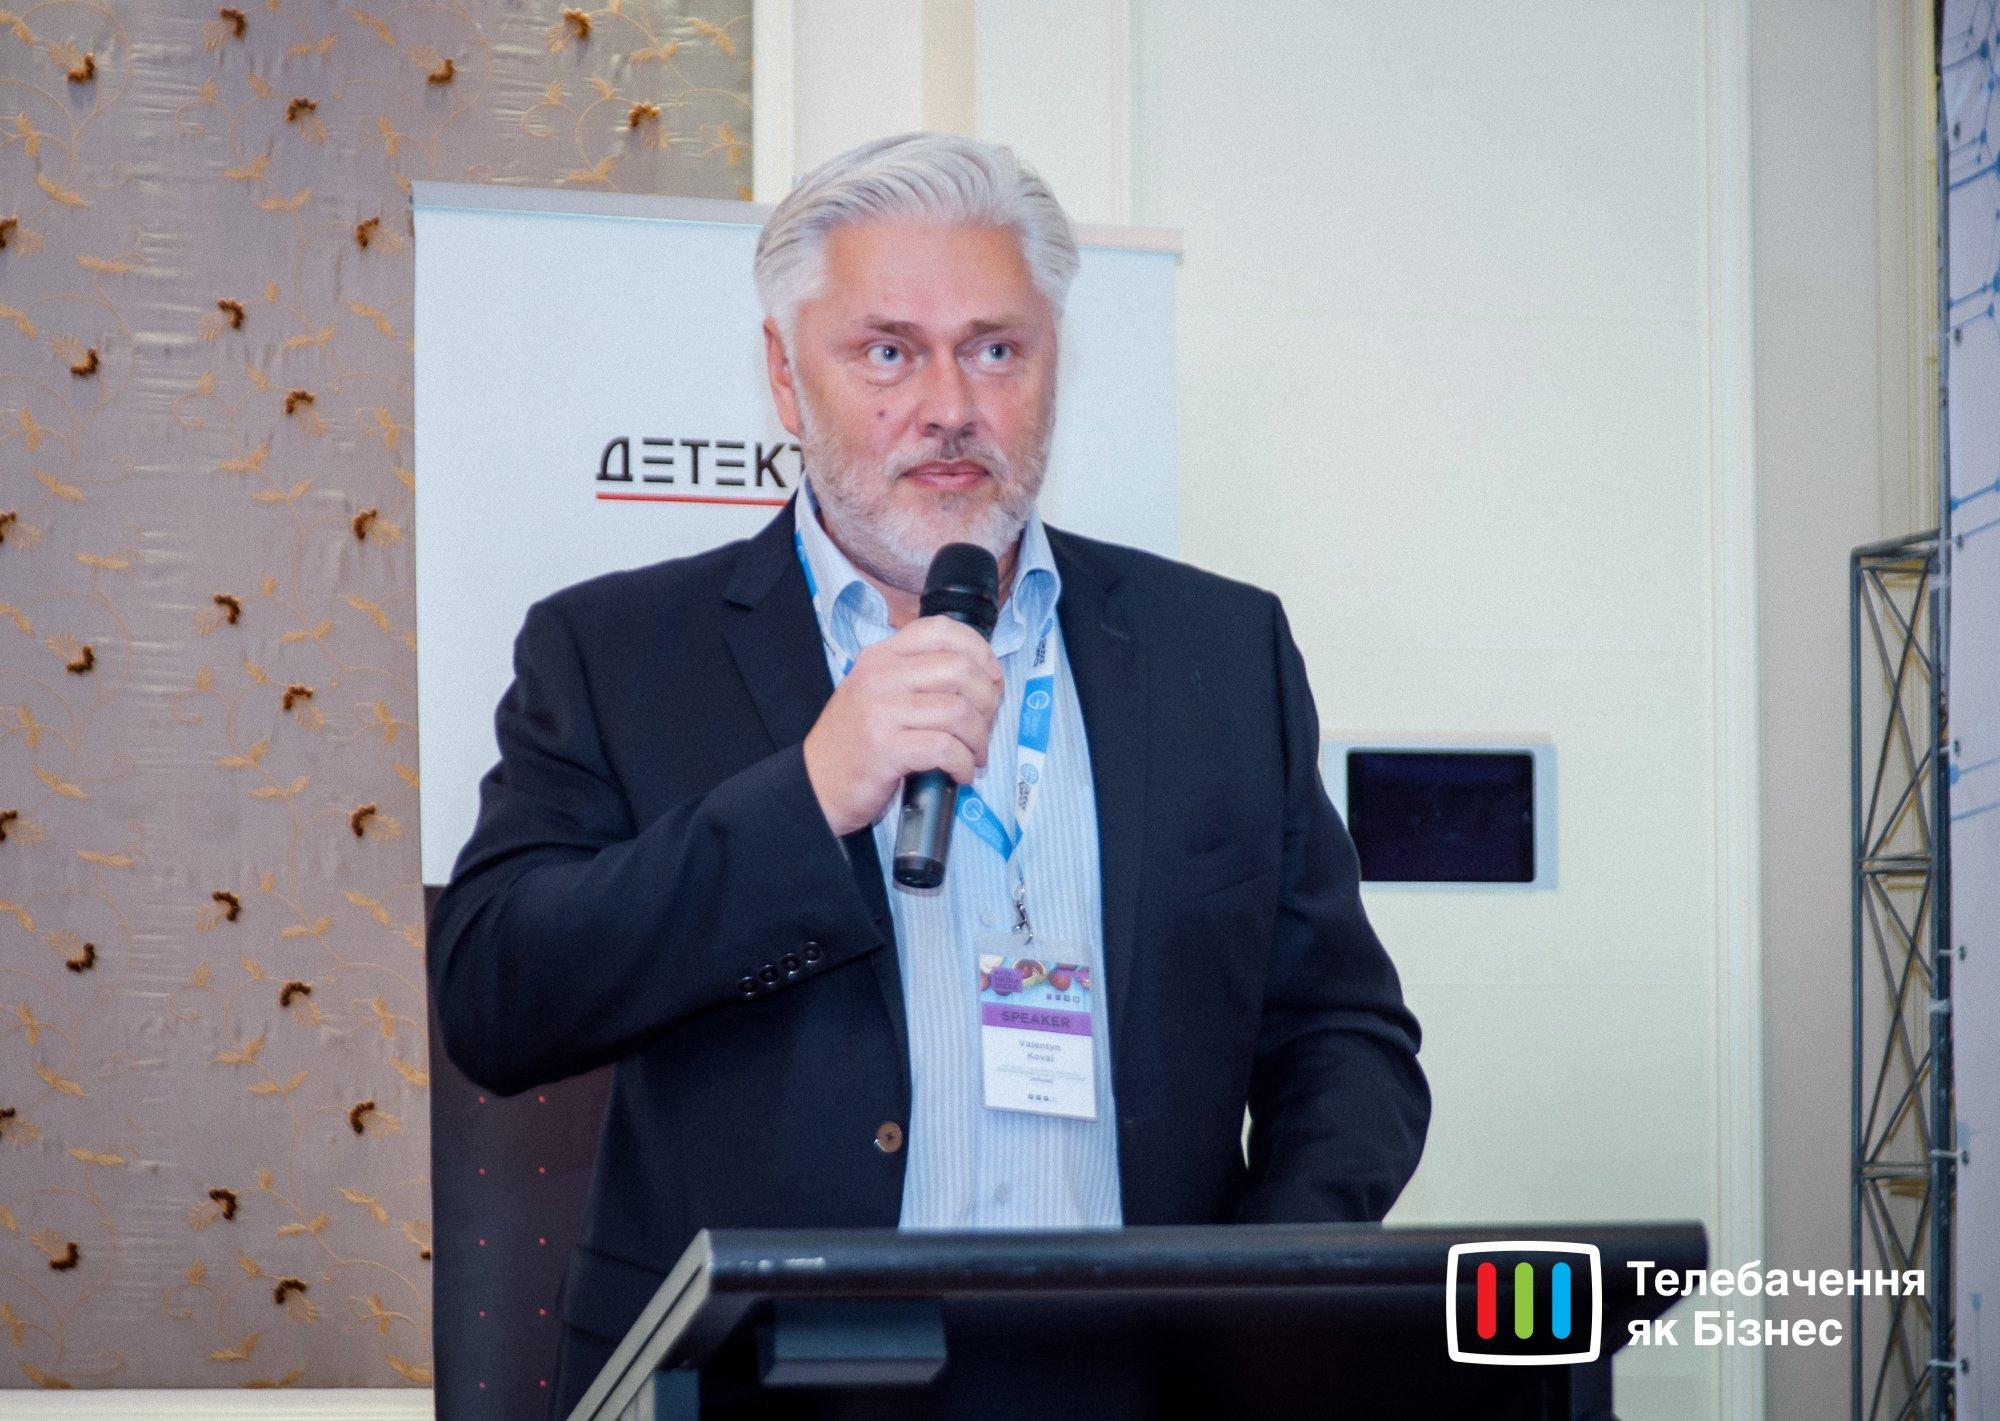 Валентин Коваль, член Національної ради України з питань телебачення і радіомовлення